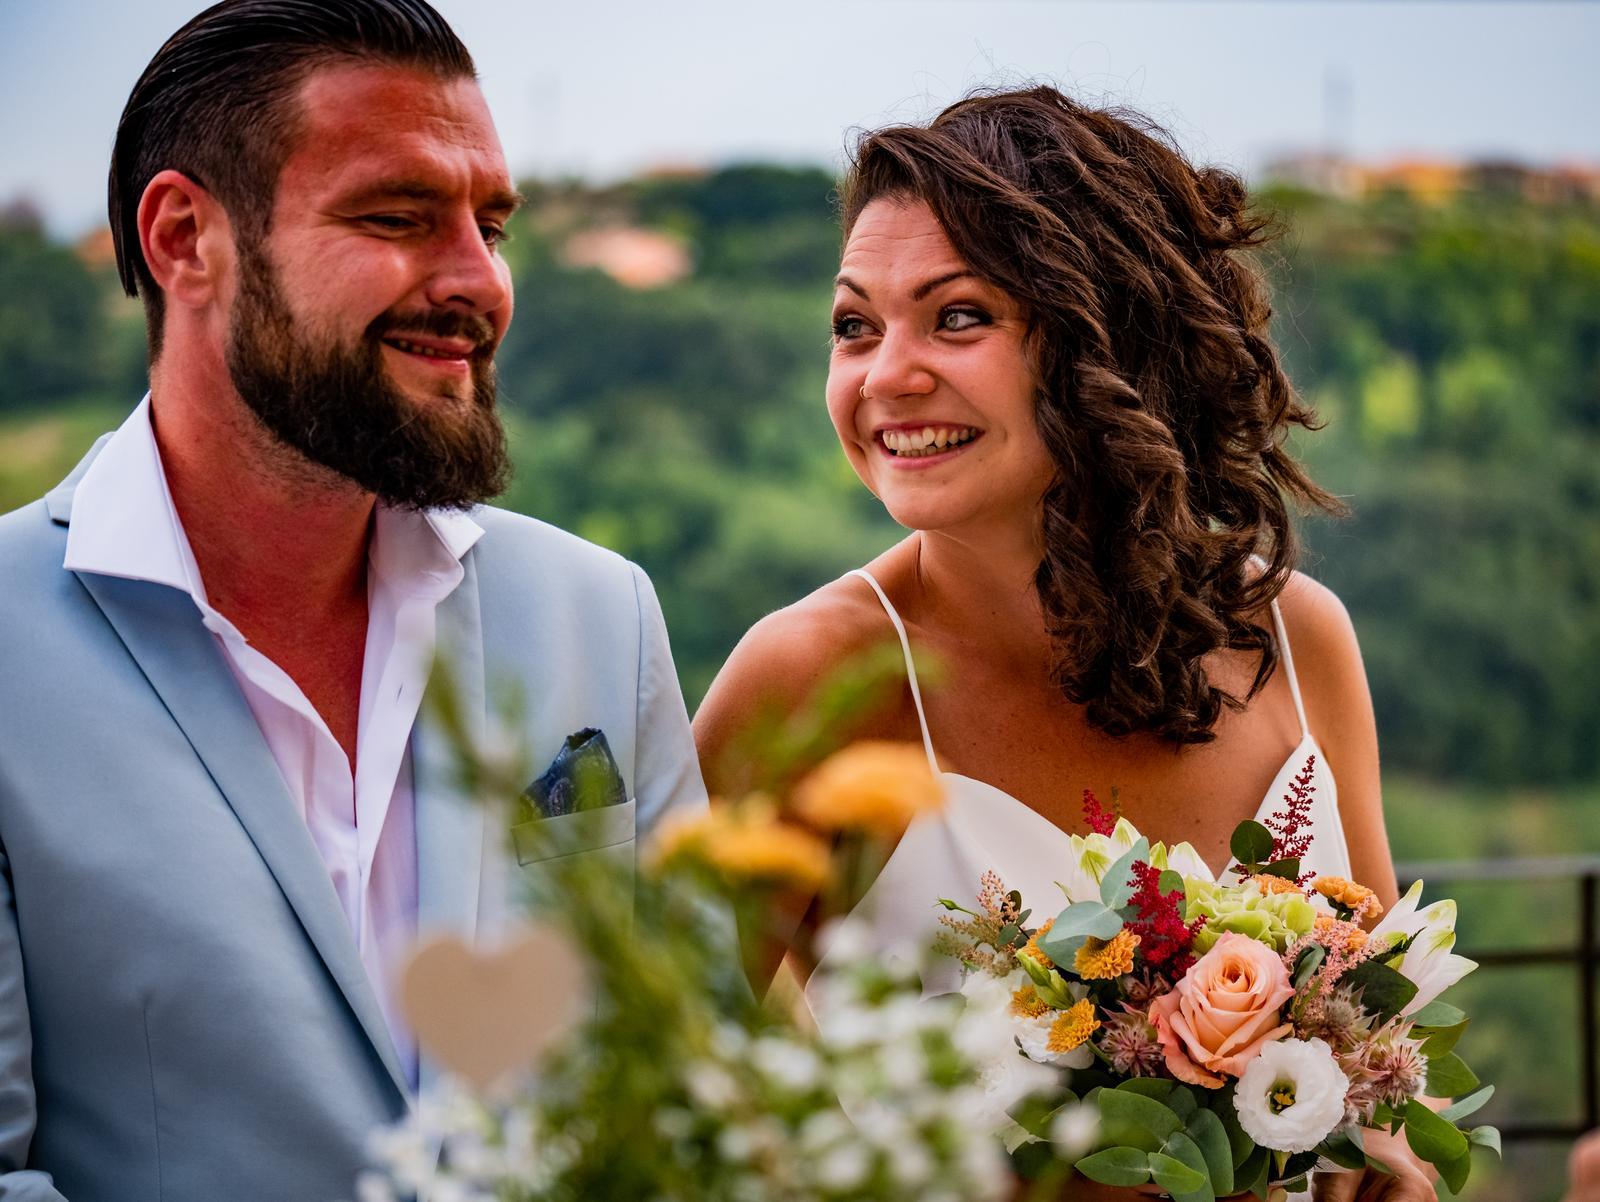 Svatby roku 2019 - Obrázek č. 10